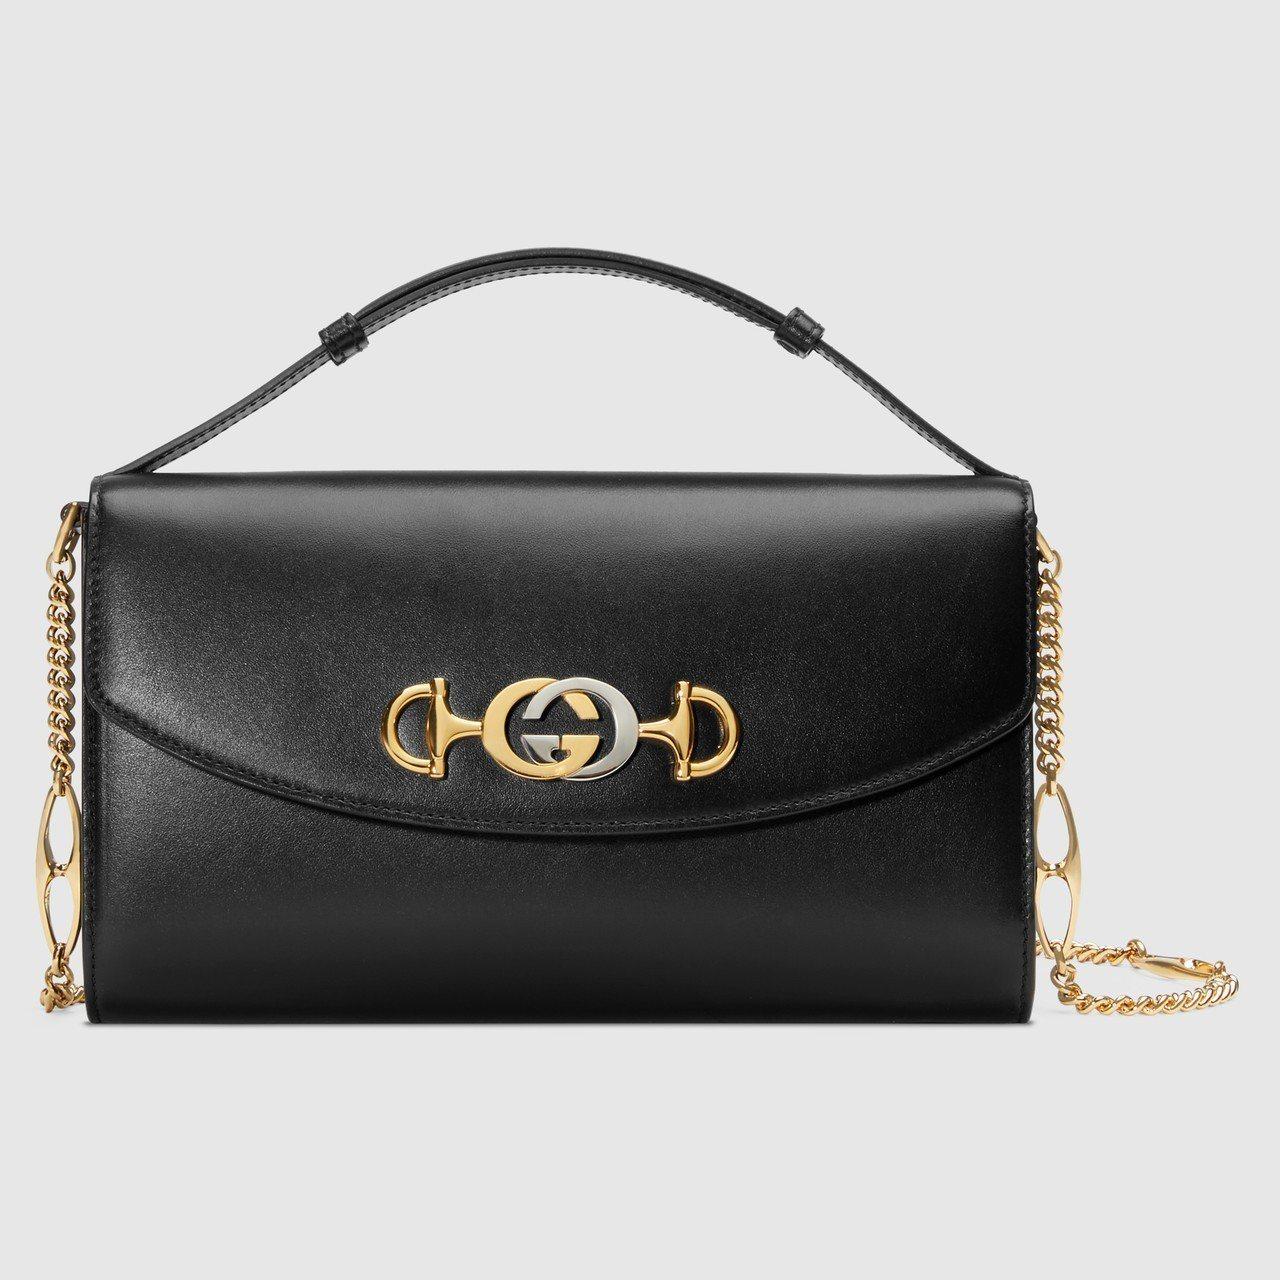 Gucci Zumi黑色鍊帶包,86,600元。圖/Gucci提供